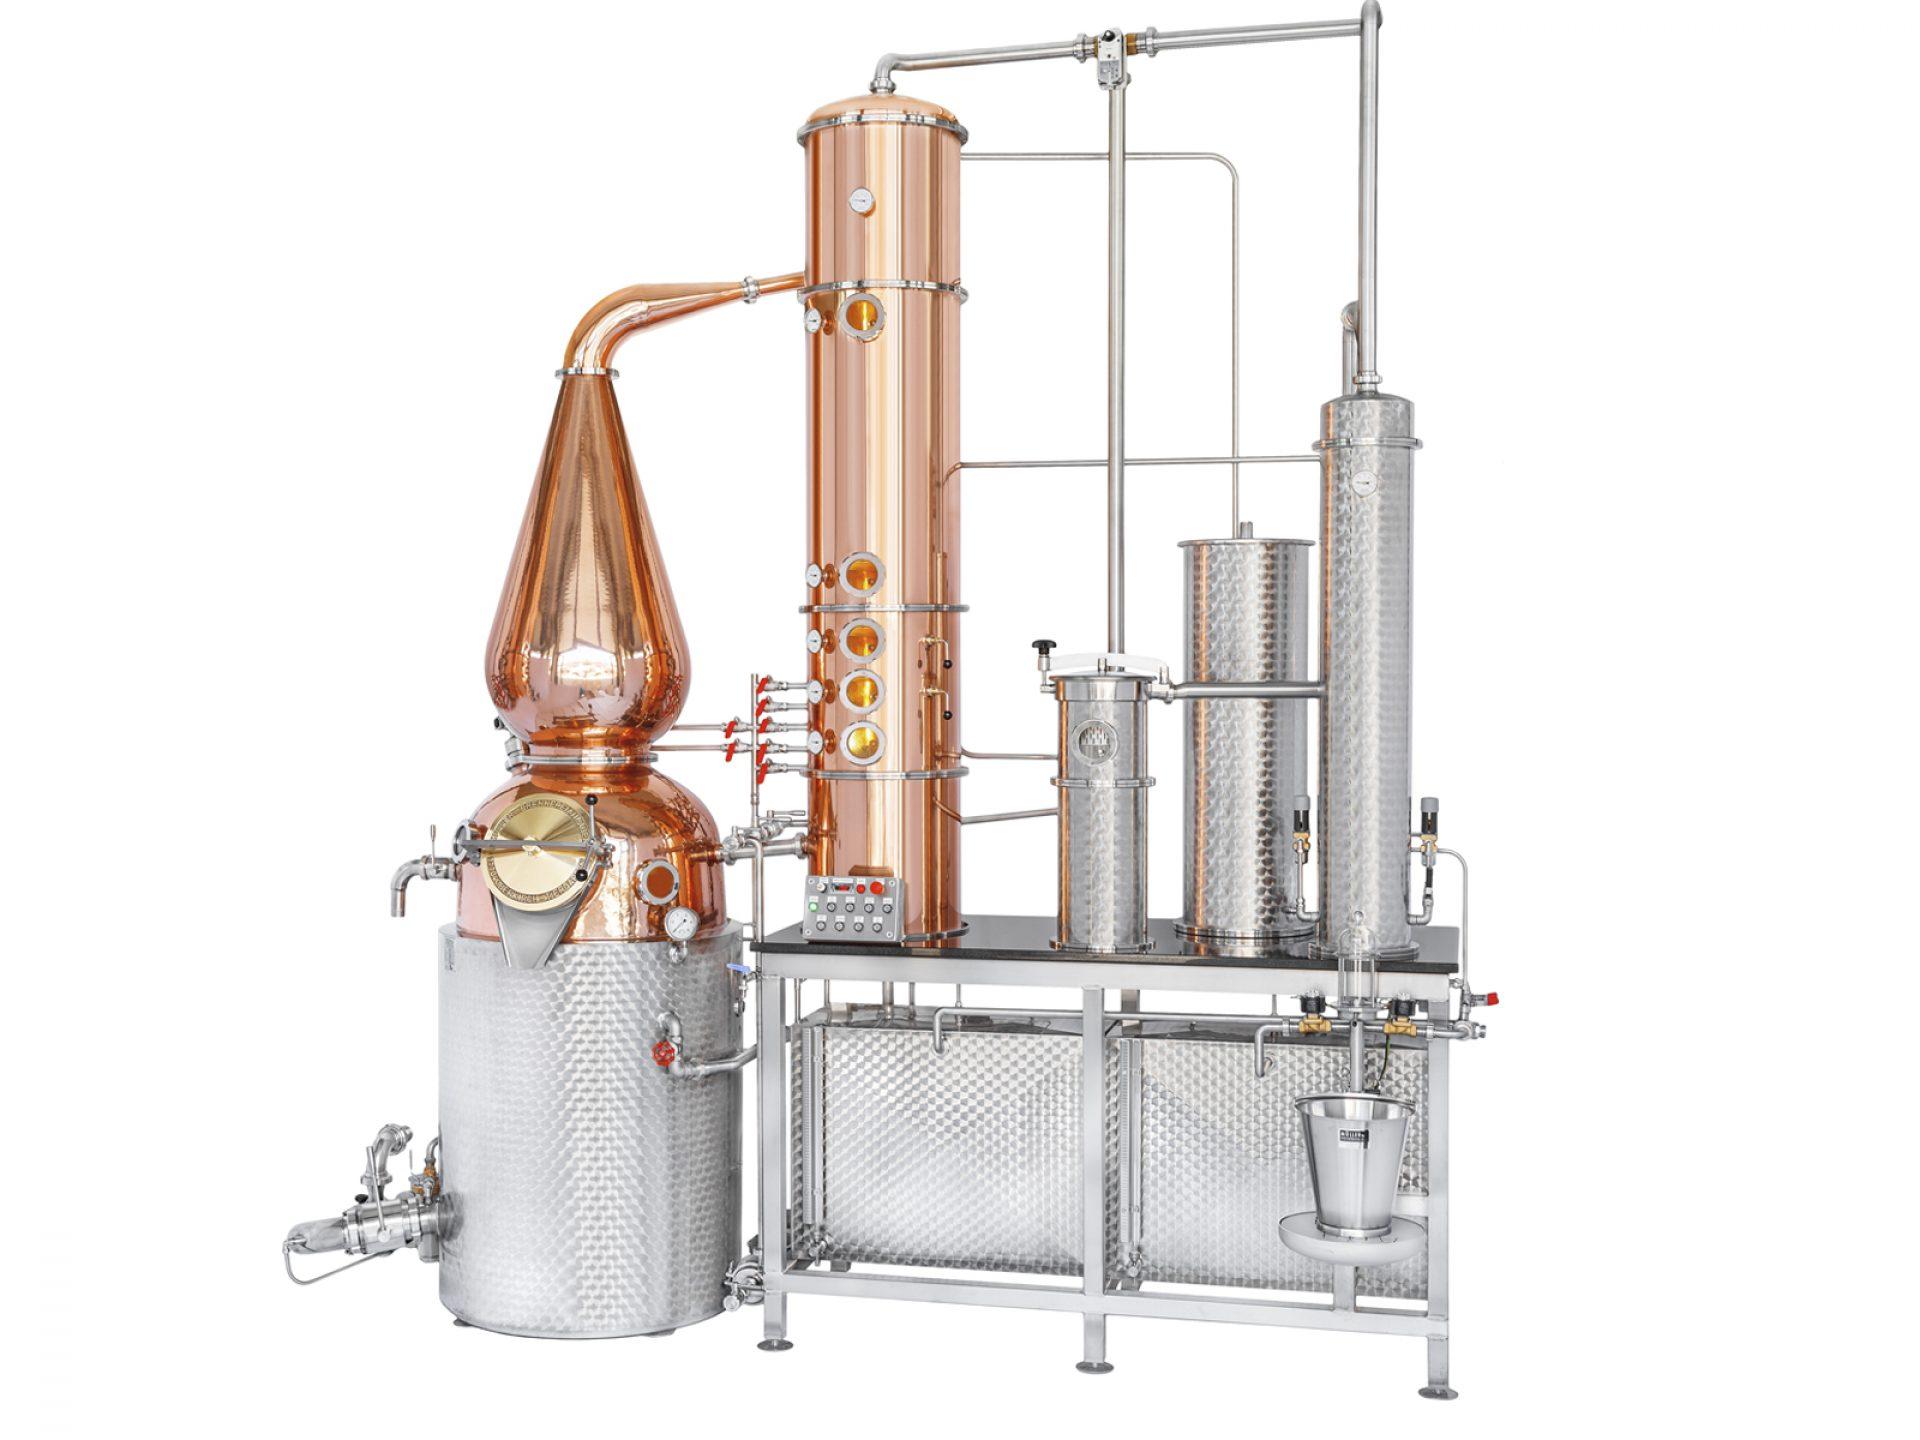 mueller-aromat-brennereianlage-destillieranlage-slide-05